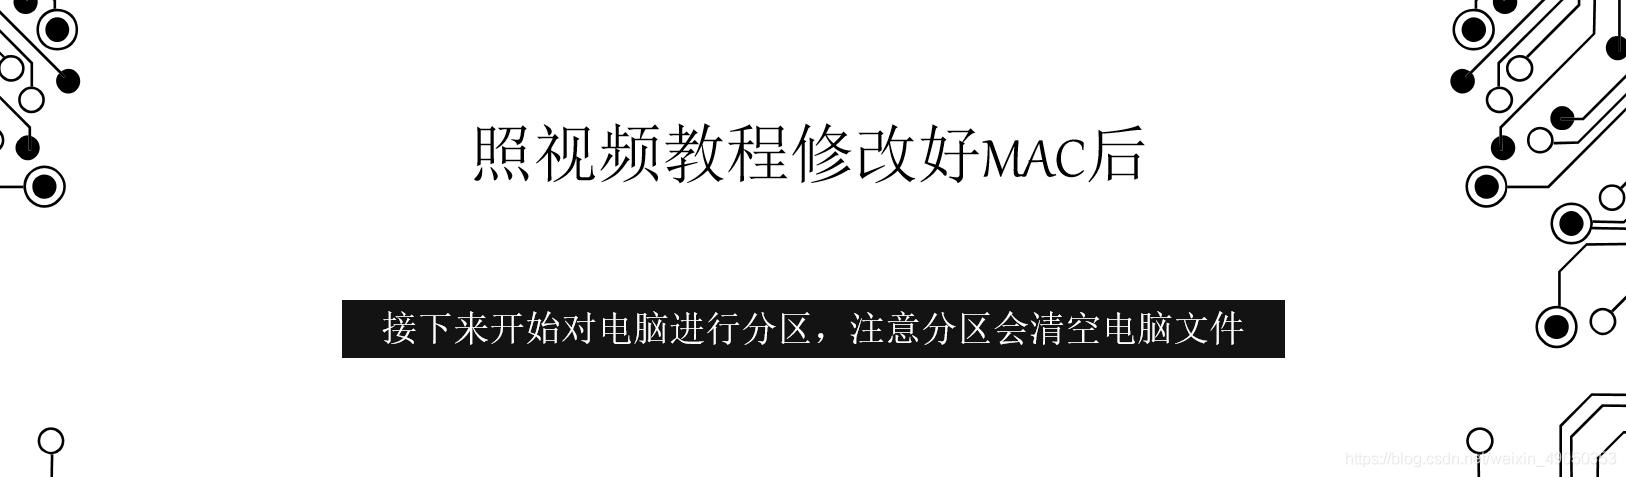 网卡MAC物理地址修改